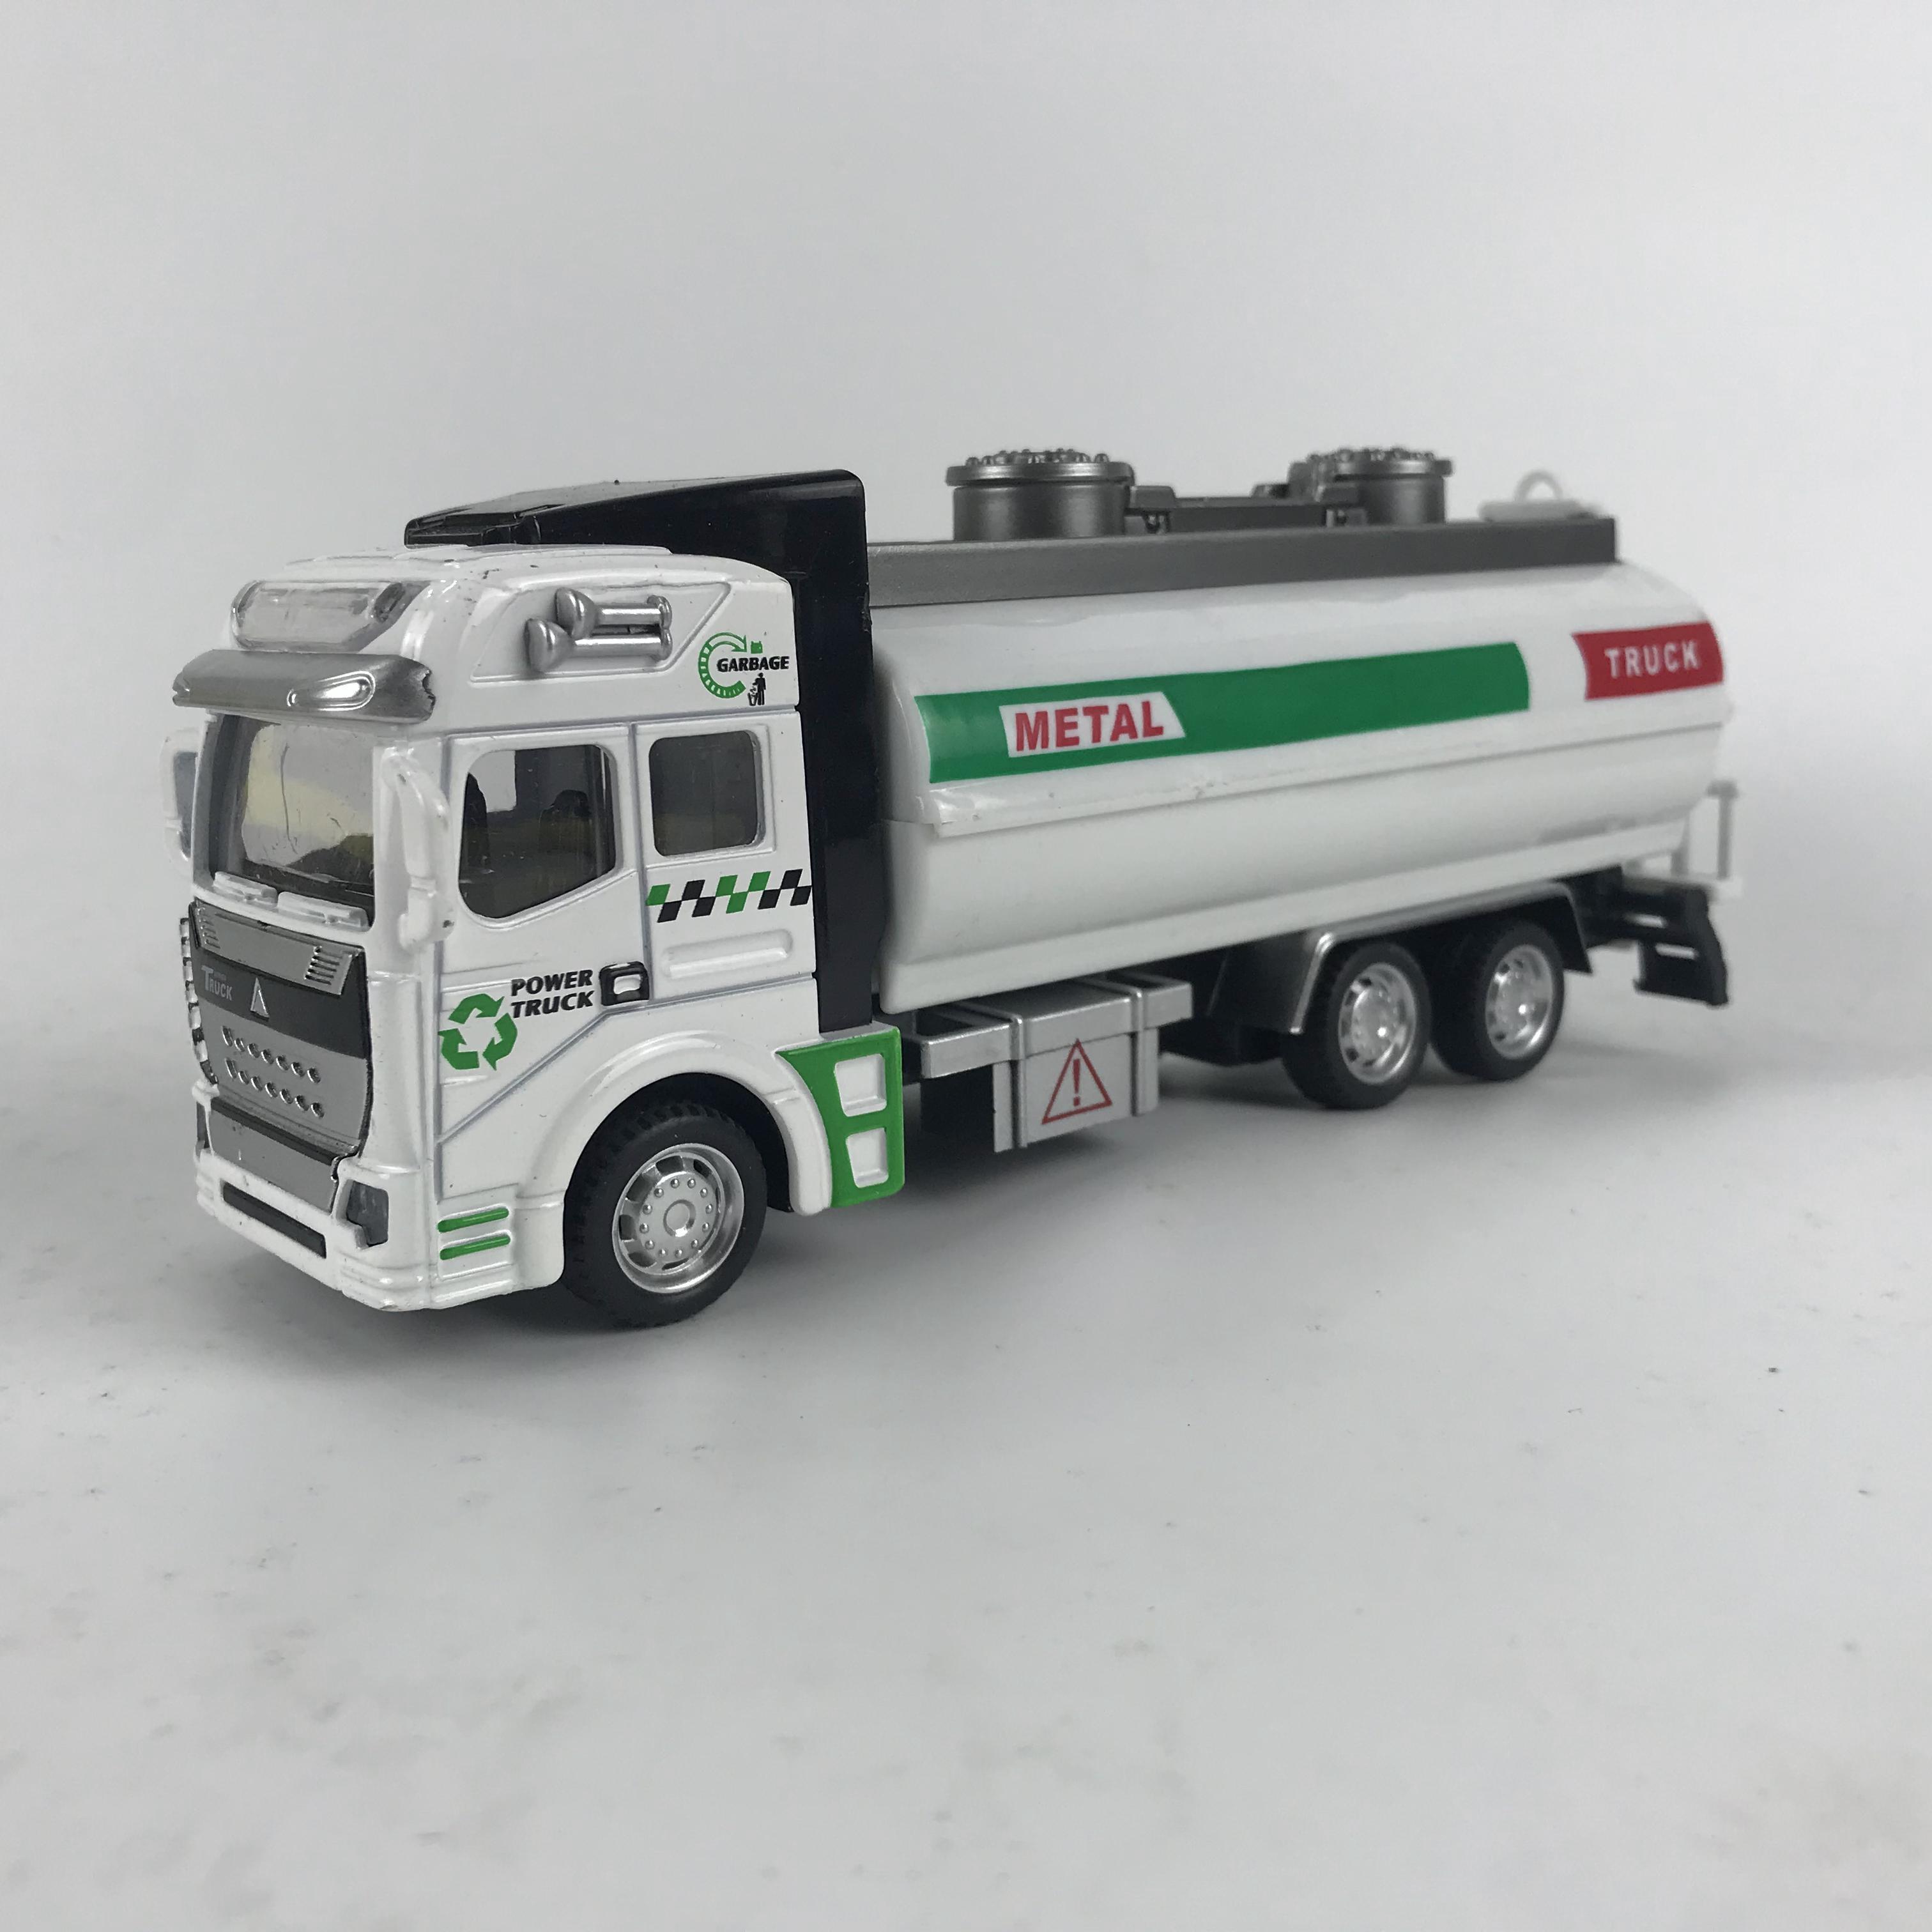 1:48 Miniatyrmodell Lastbilar Leksaksskalamodeller Billegering - Bilar och fordon - Foto 4